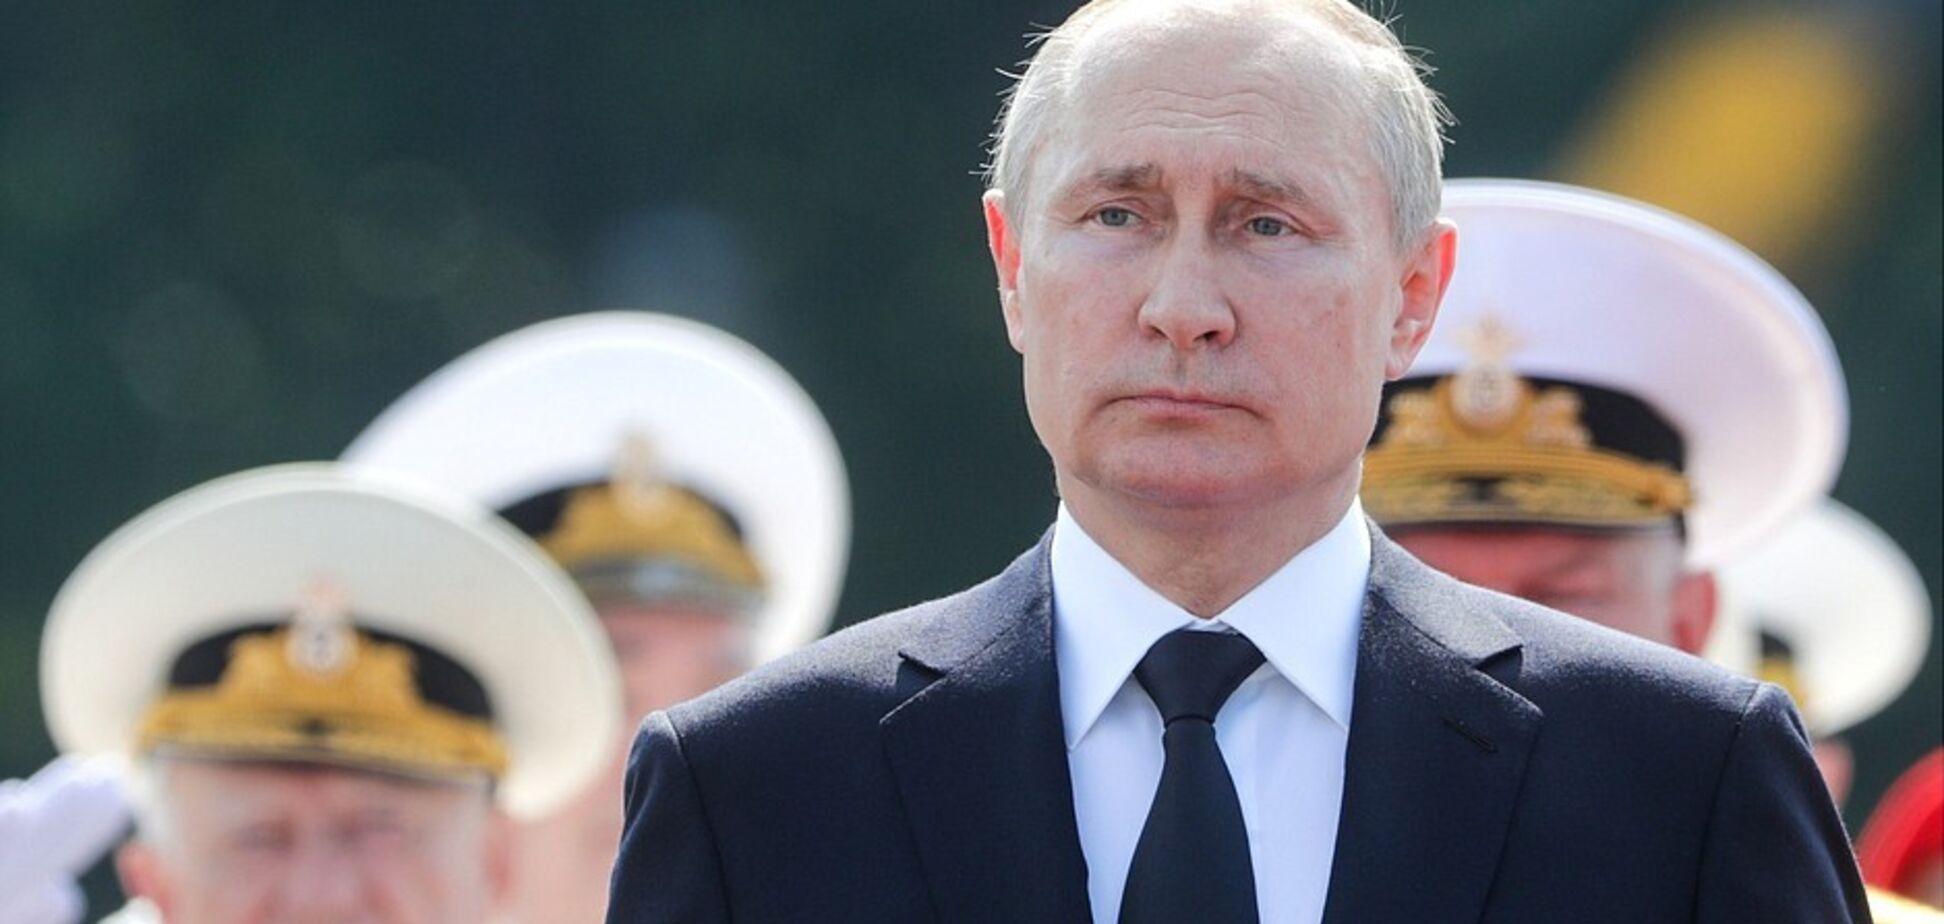 'Дамо відсіч': Путін пригрозив 'агресорам' російськими моряками. Фото і відео 'брязкання' зброєю